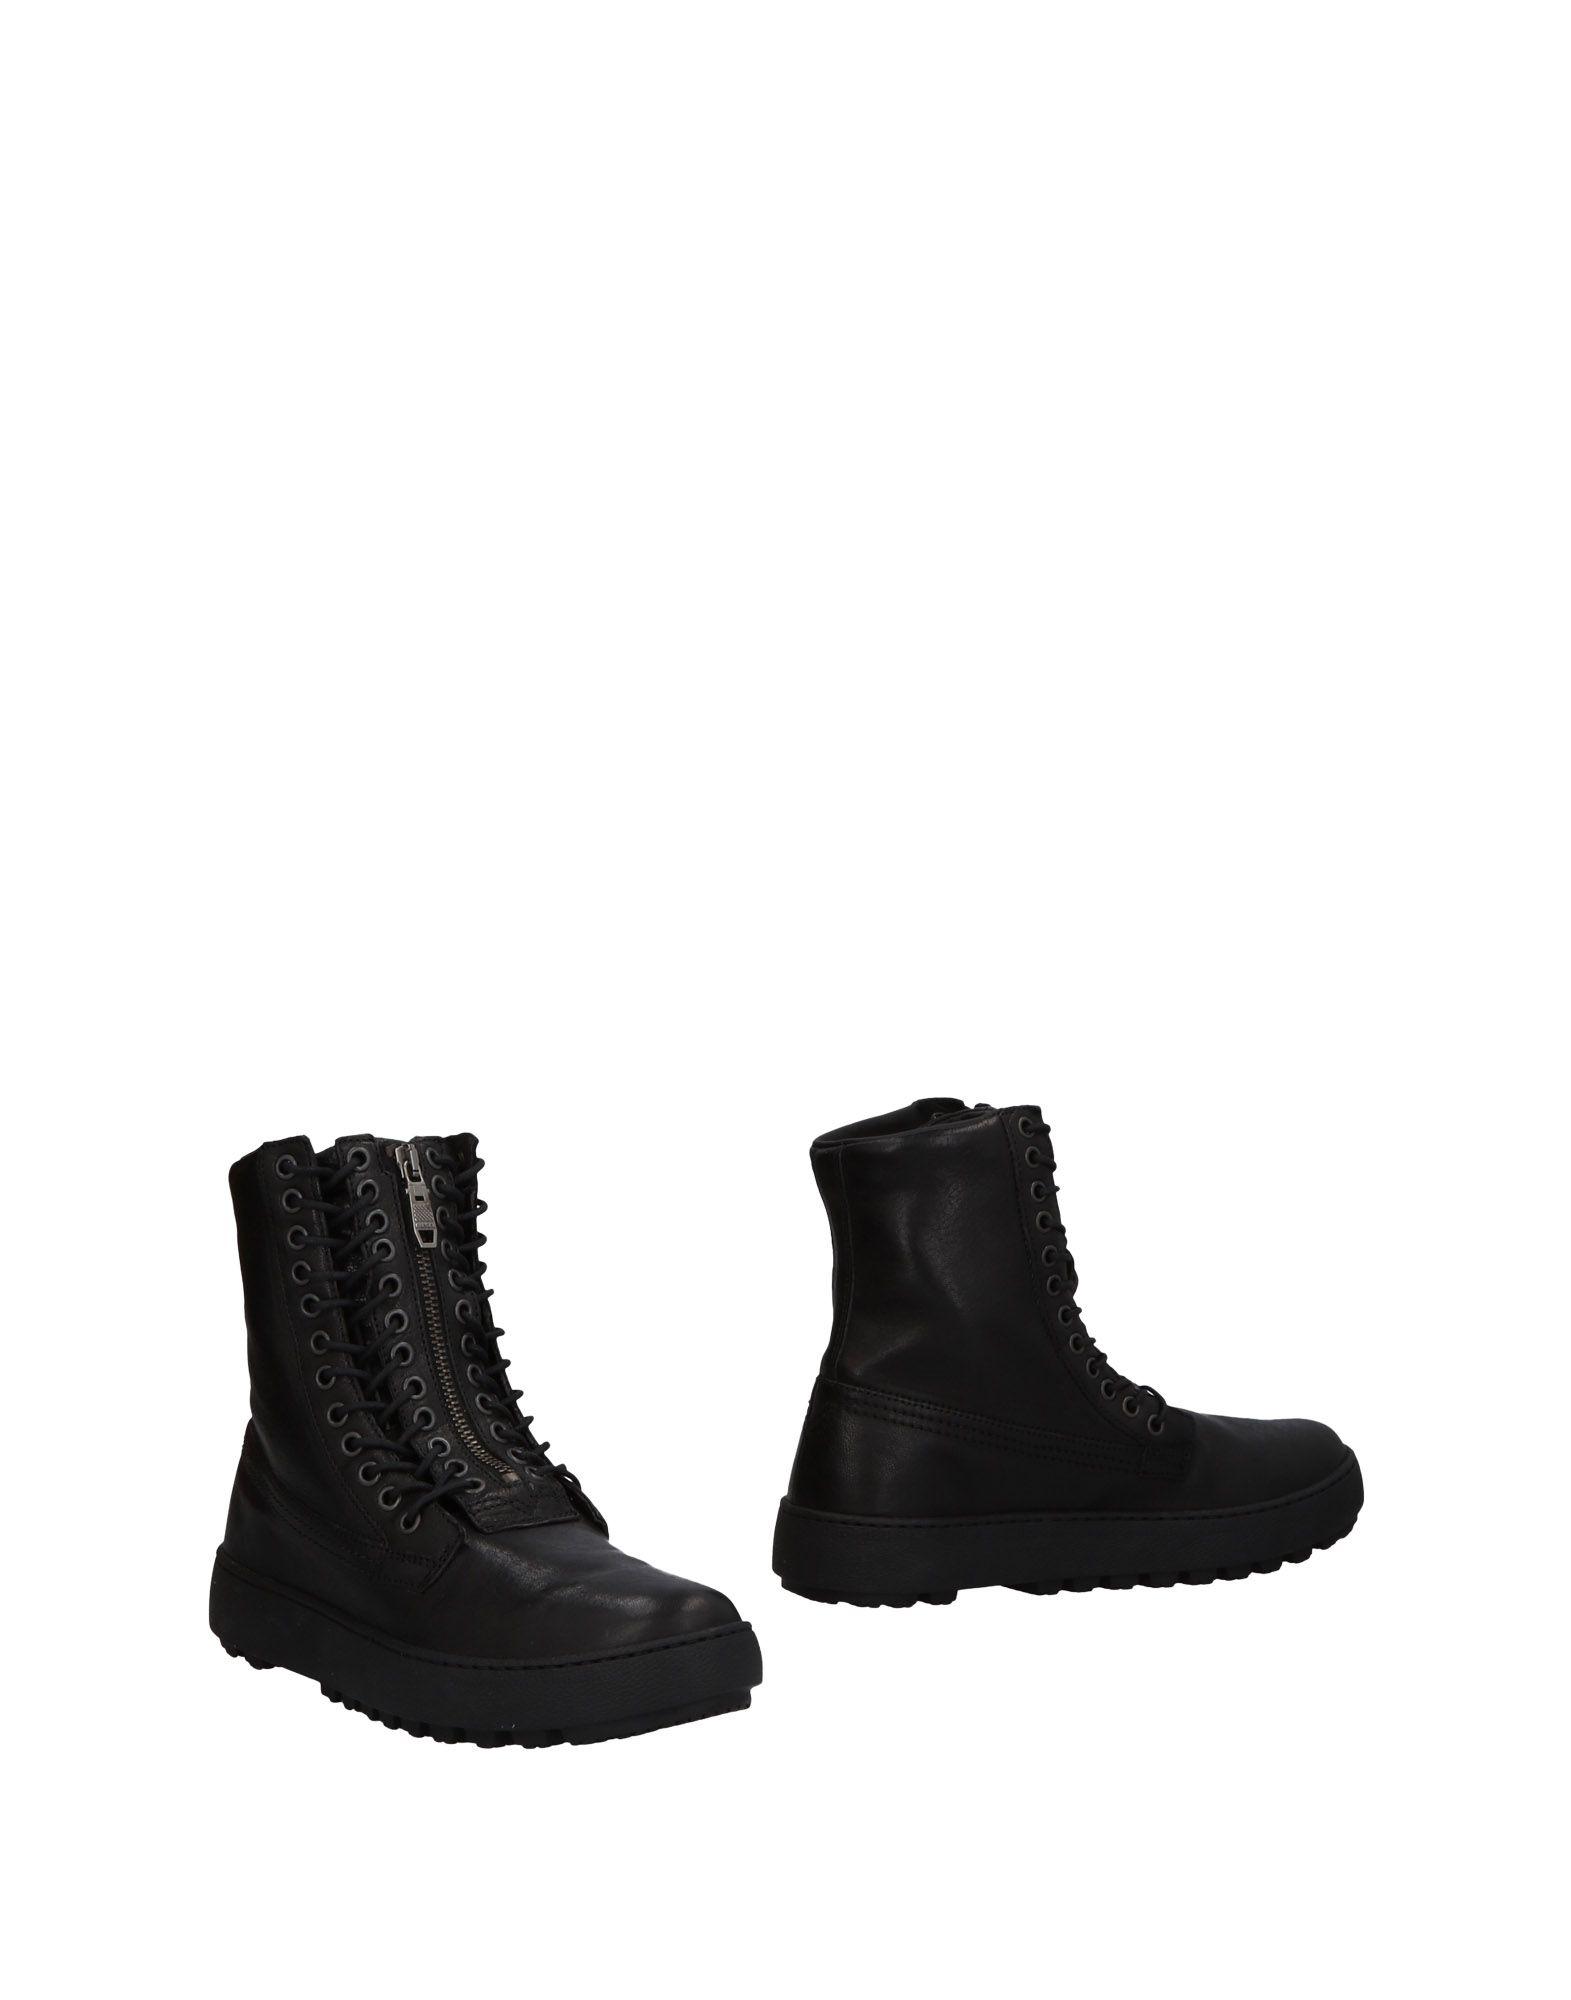 《送料無料》DIESEL メンズ ショートブーツ ブラック 40 牛革